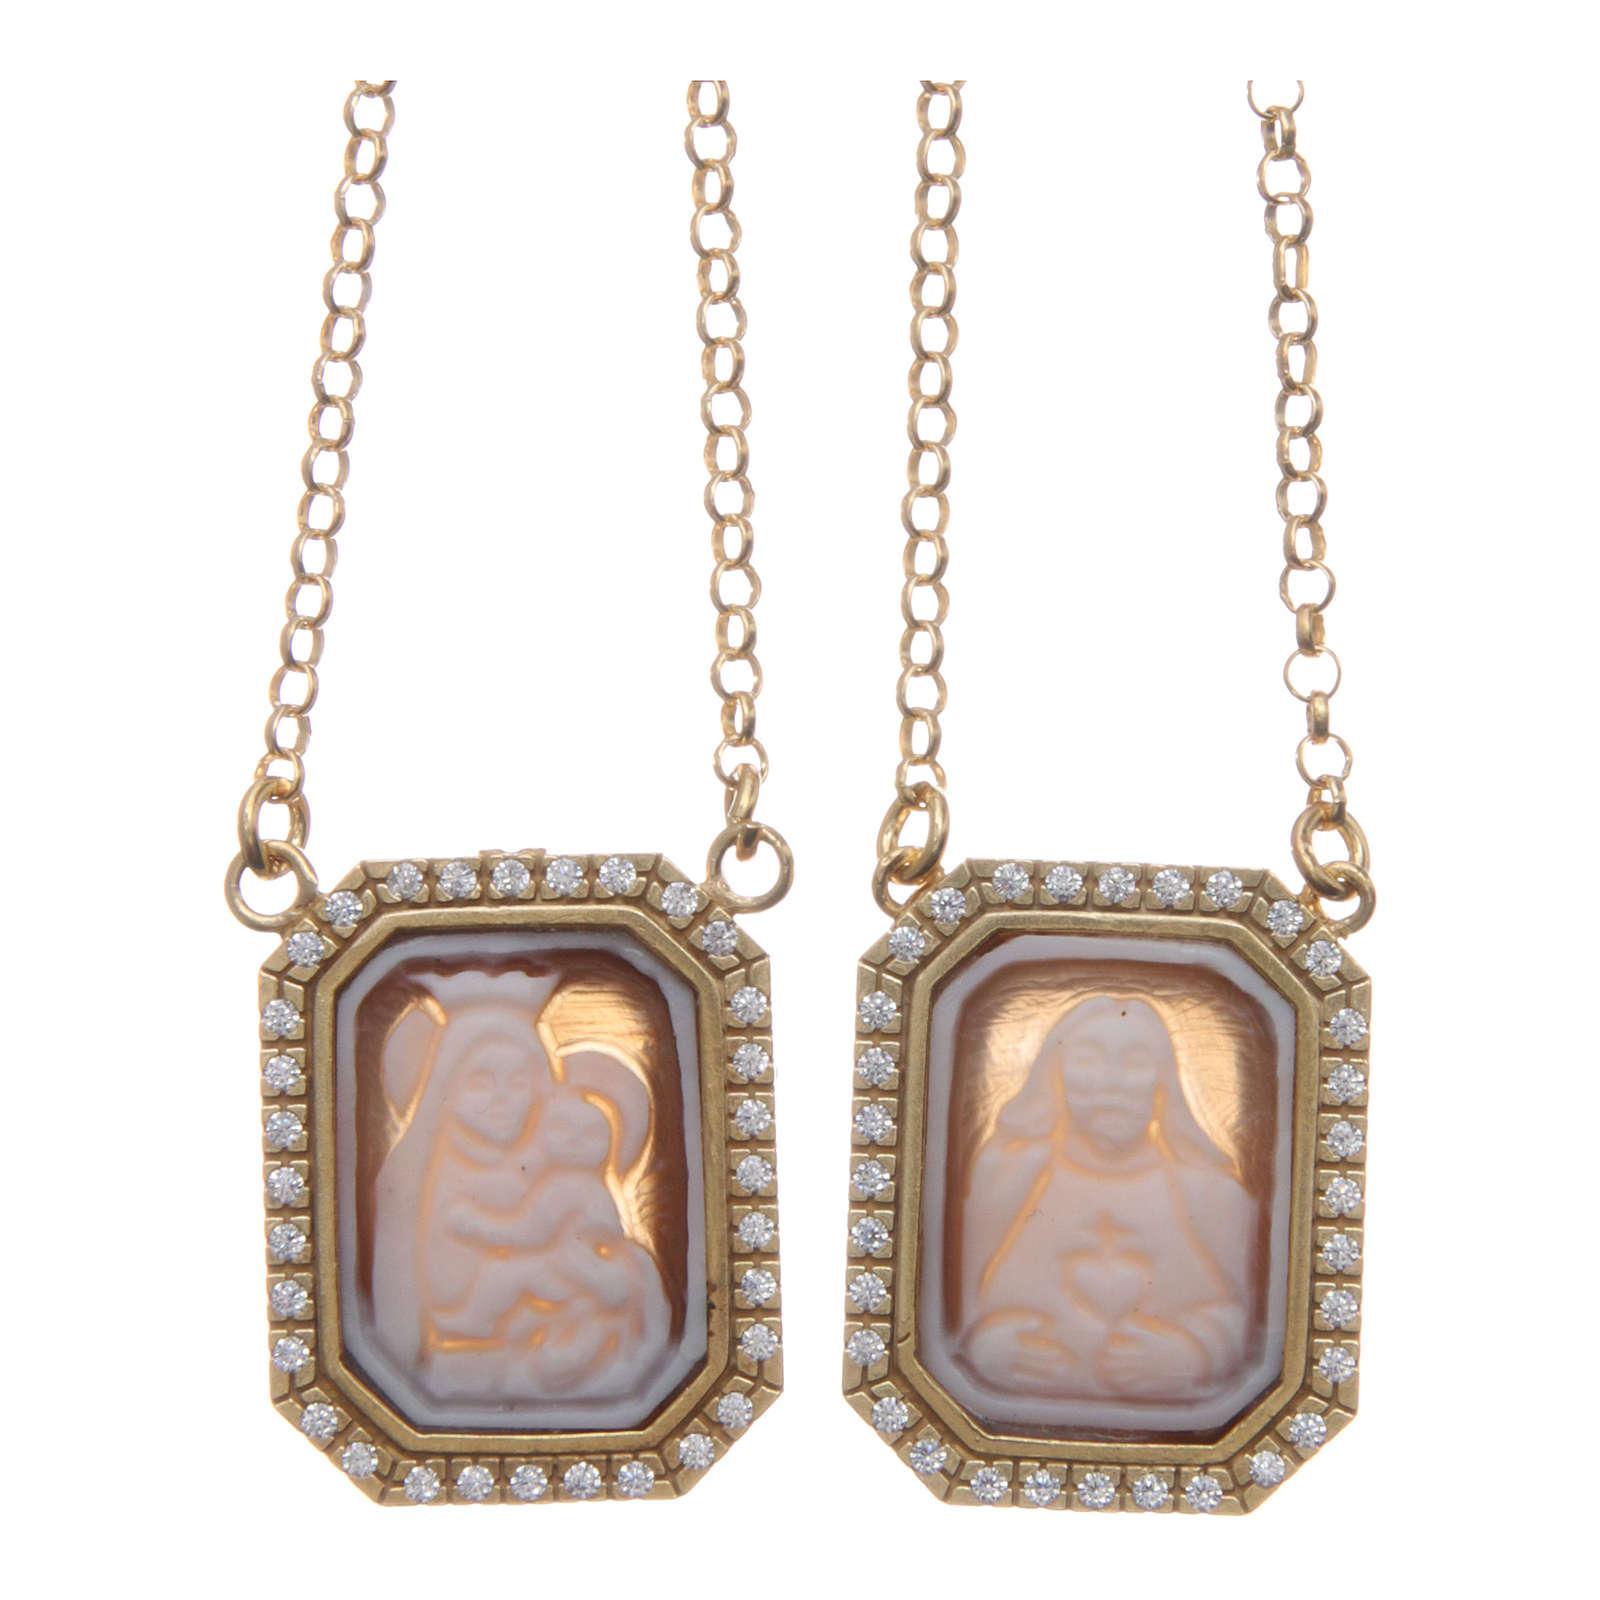 Collar Escapulario plata 925 dorada Medallas Octagonales Circones Blancos y Camafeos 4